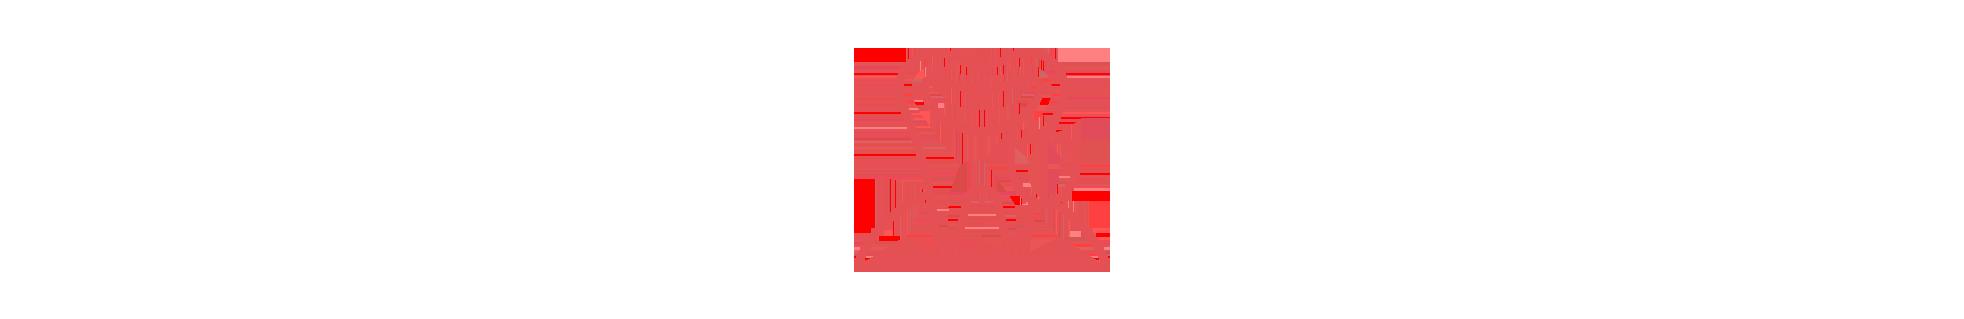 Tannlegeklinikk 1 - refusjon og støtte ikon Tromsø